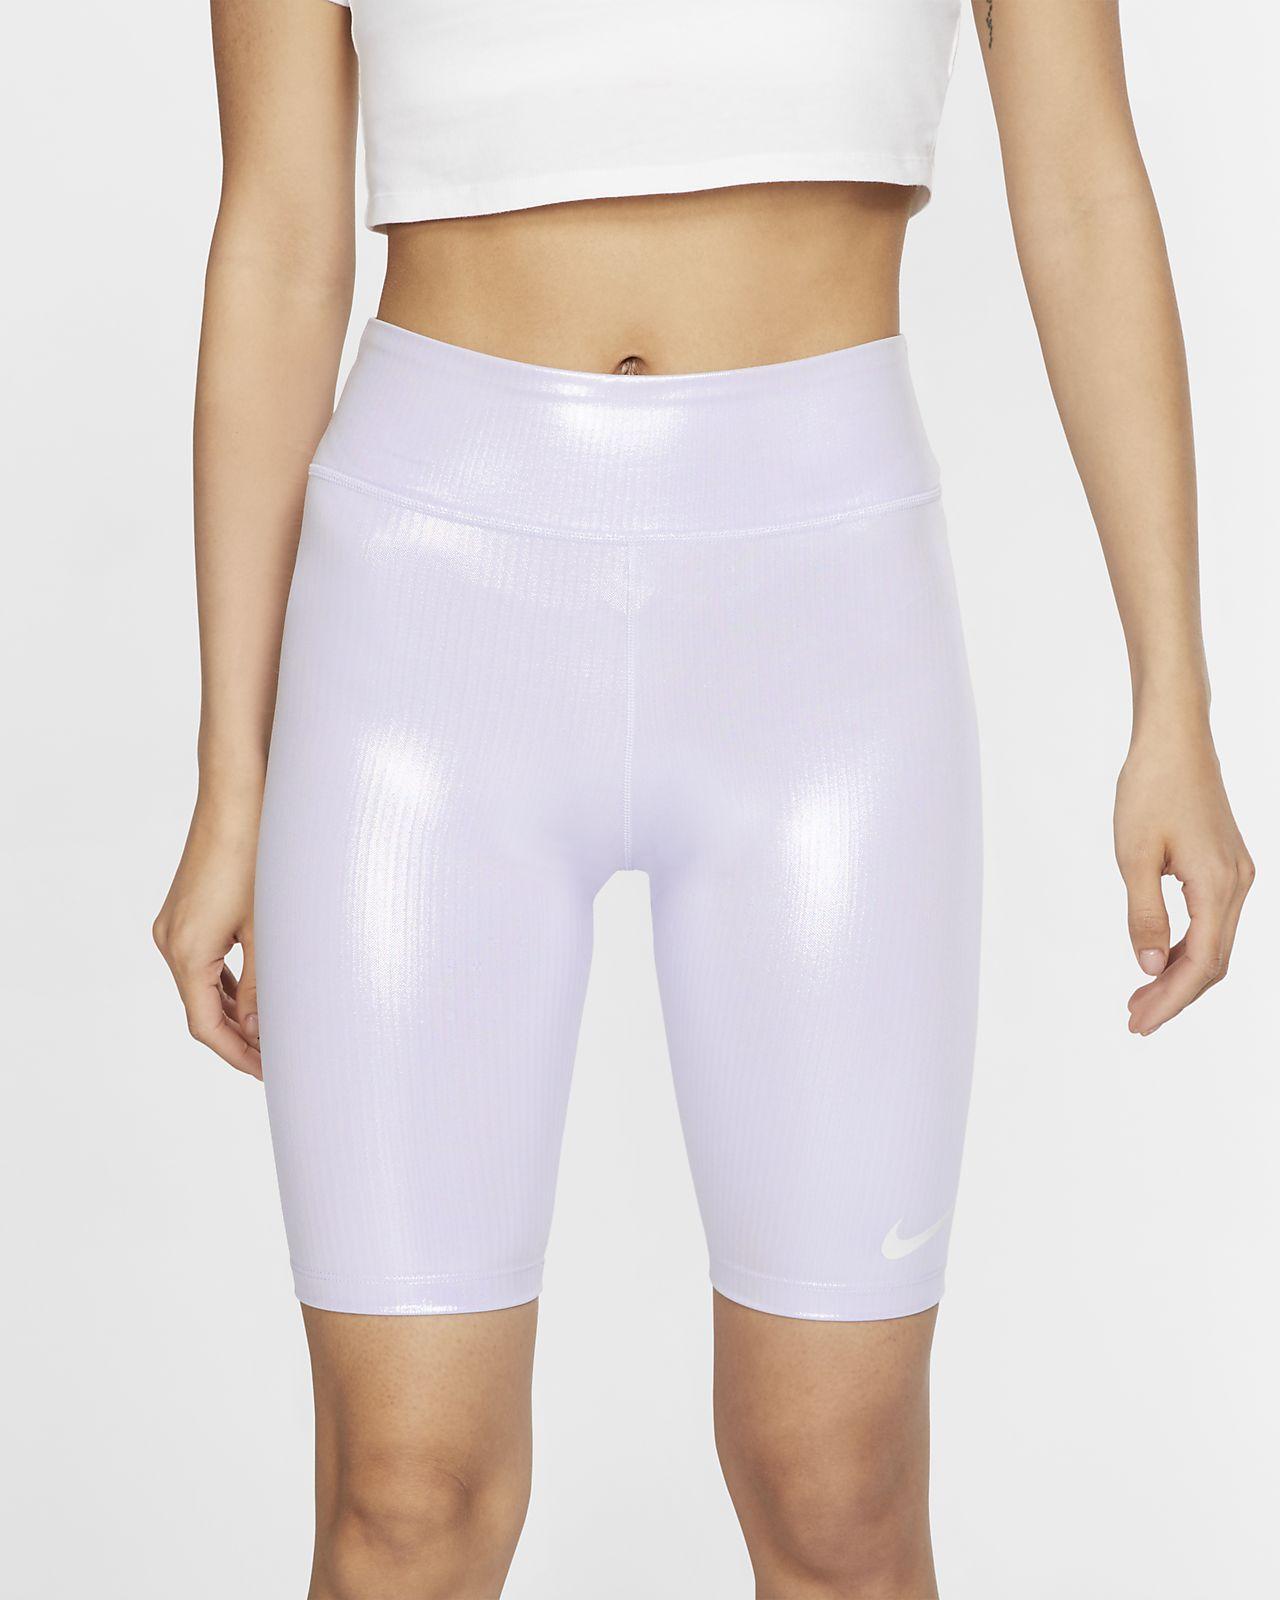 Calções tipo ciclista Nike para mulher